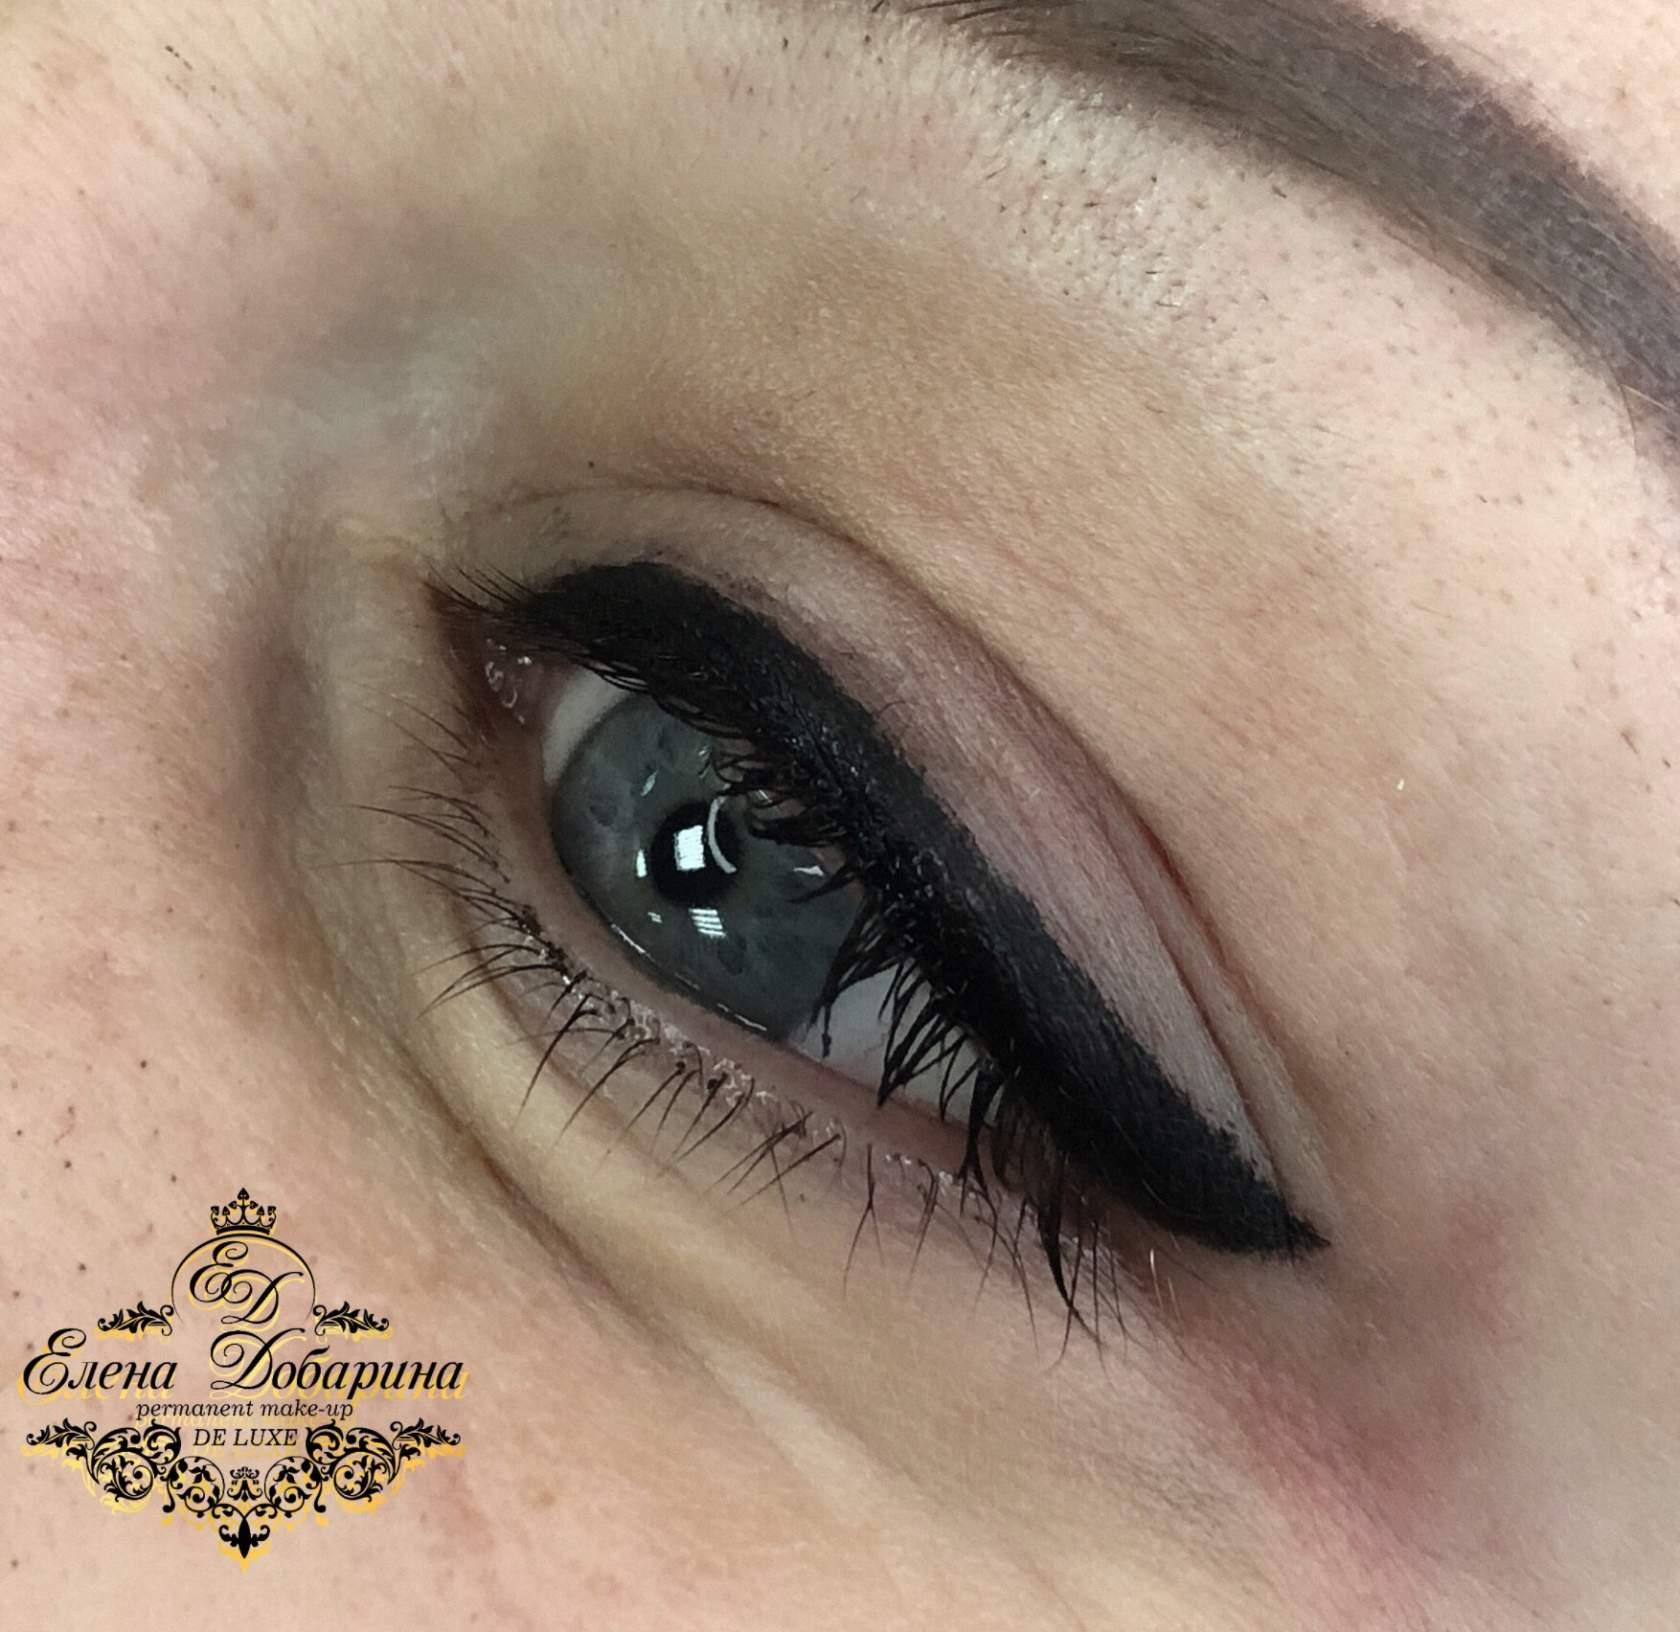 Татуаж глаз - что это: описание перманентного макияжа век с растушевкой